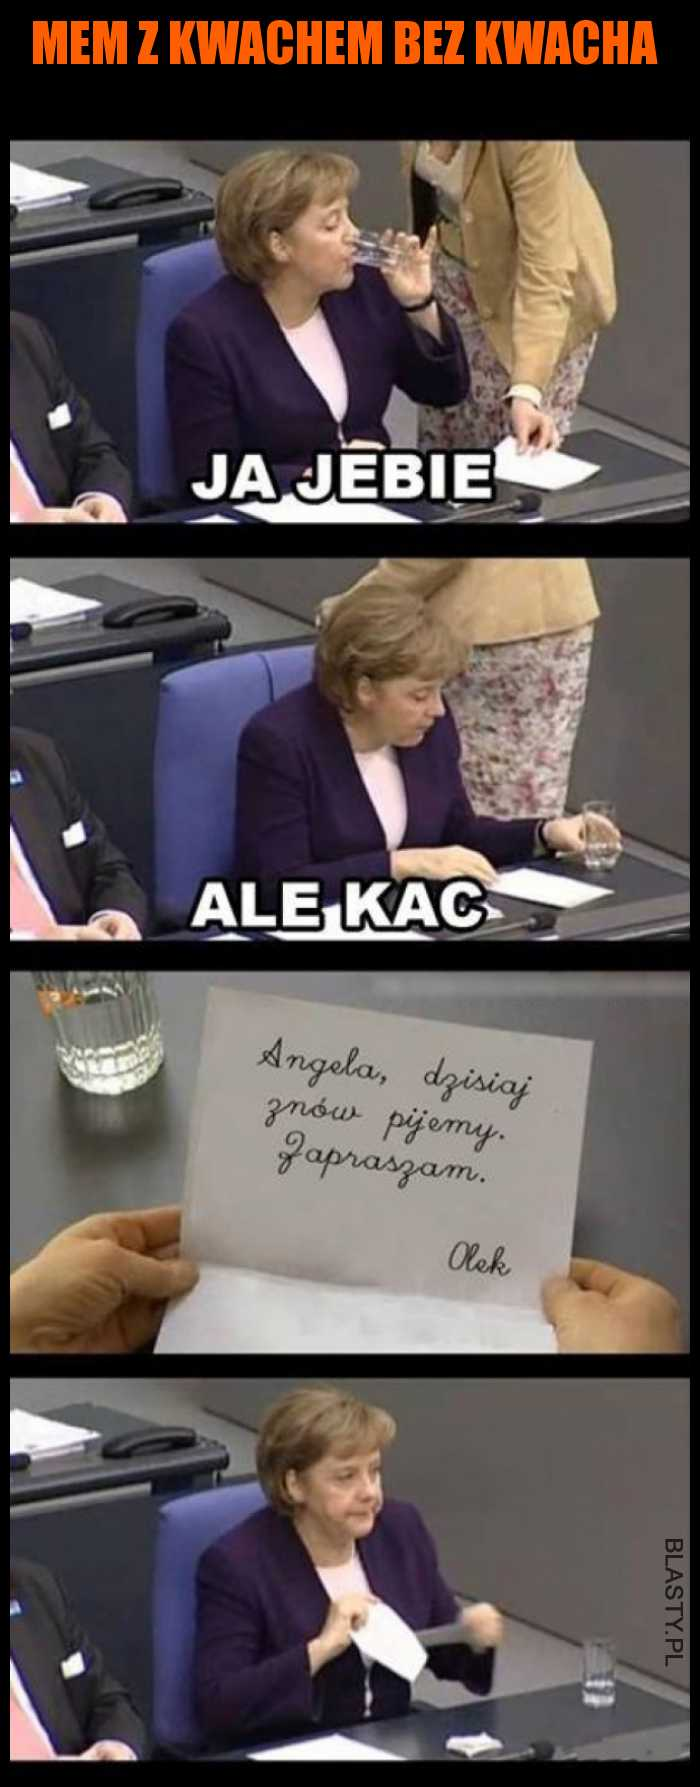 Mem z kwachem bez kwacha